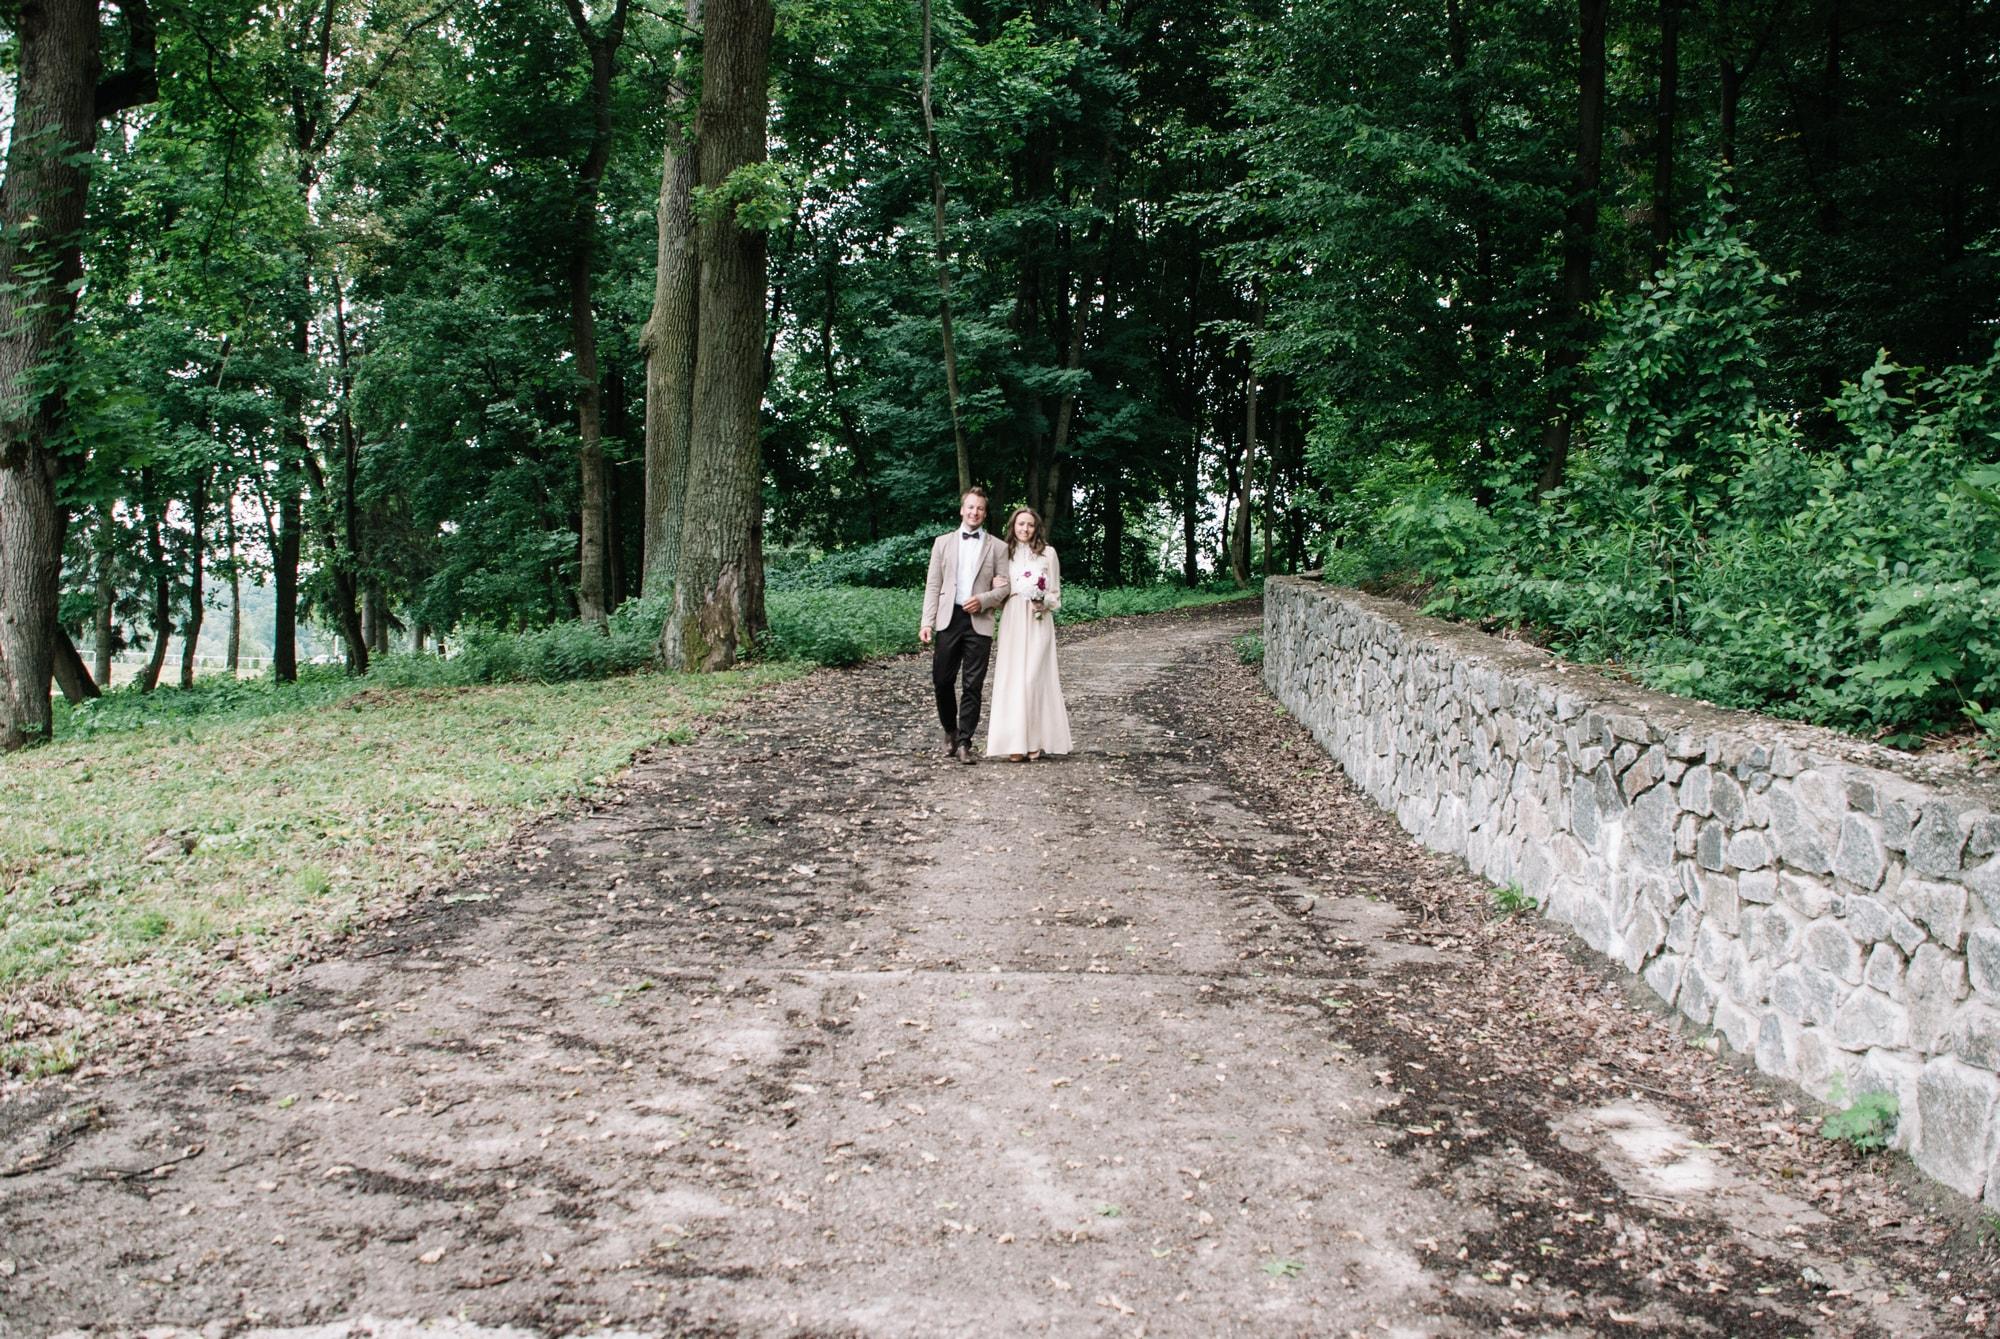 Двое гуляют в лесу - Фотограф Киев - Женя Лайт